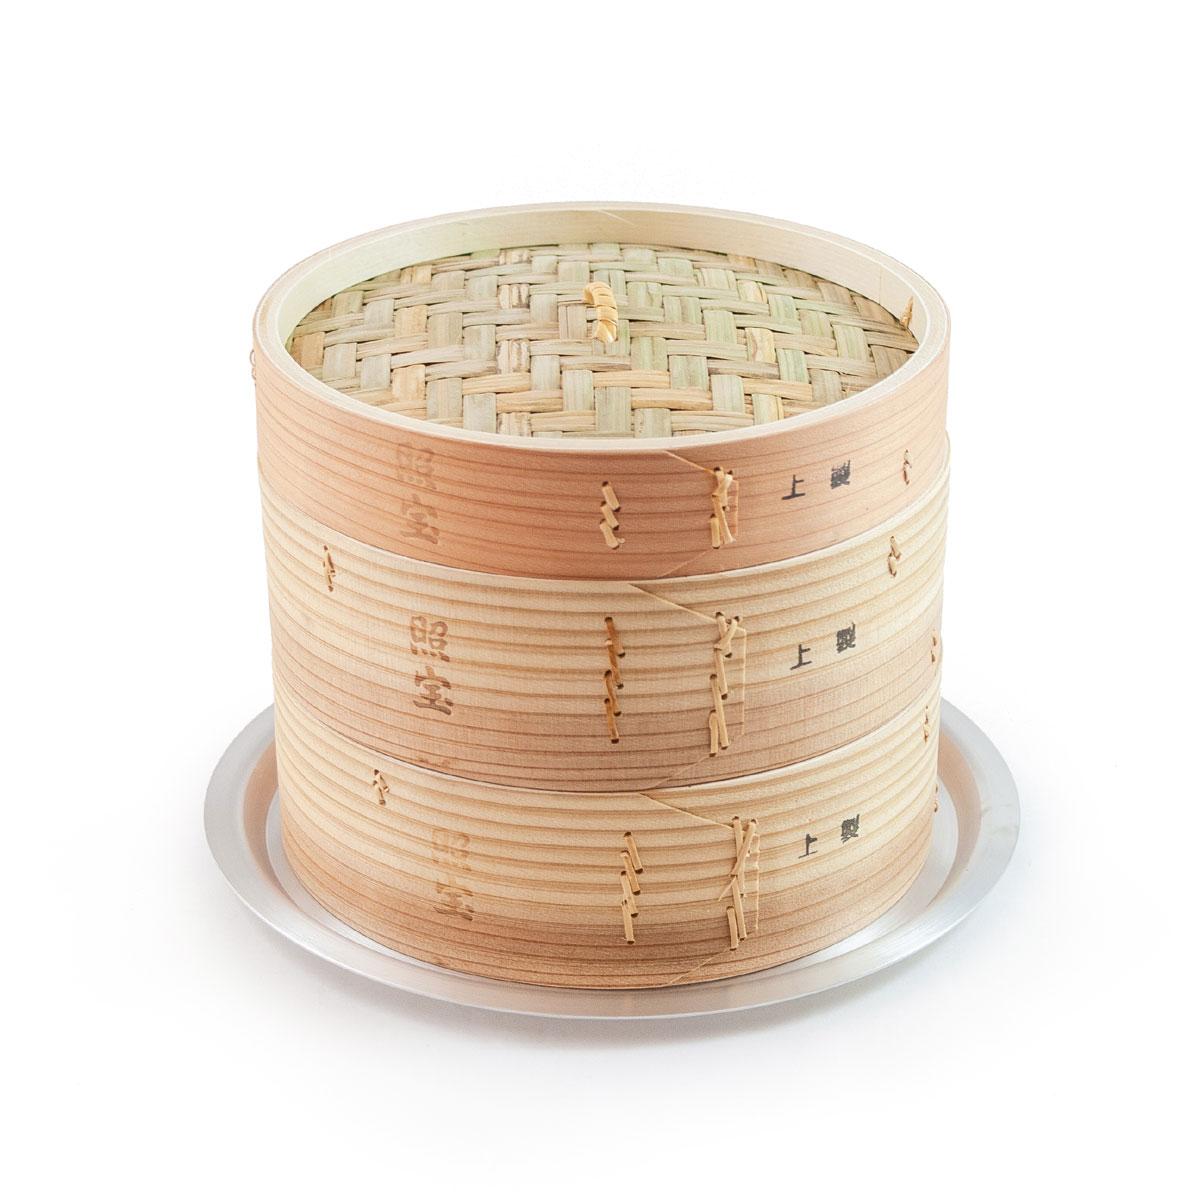 照宝 上製 中華せいろ 杉製 蒸し板セット φ21cm【RCP】【店頭受取対応商品】